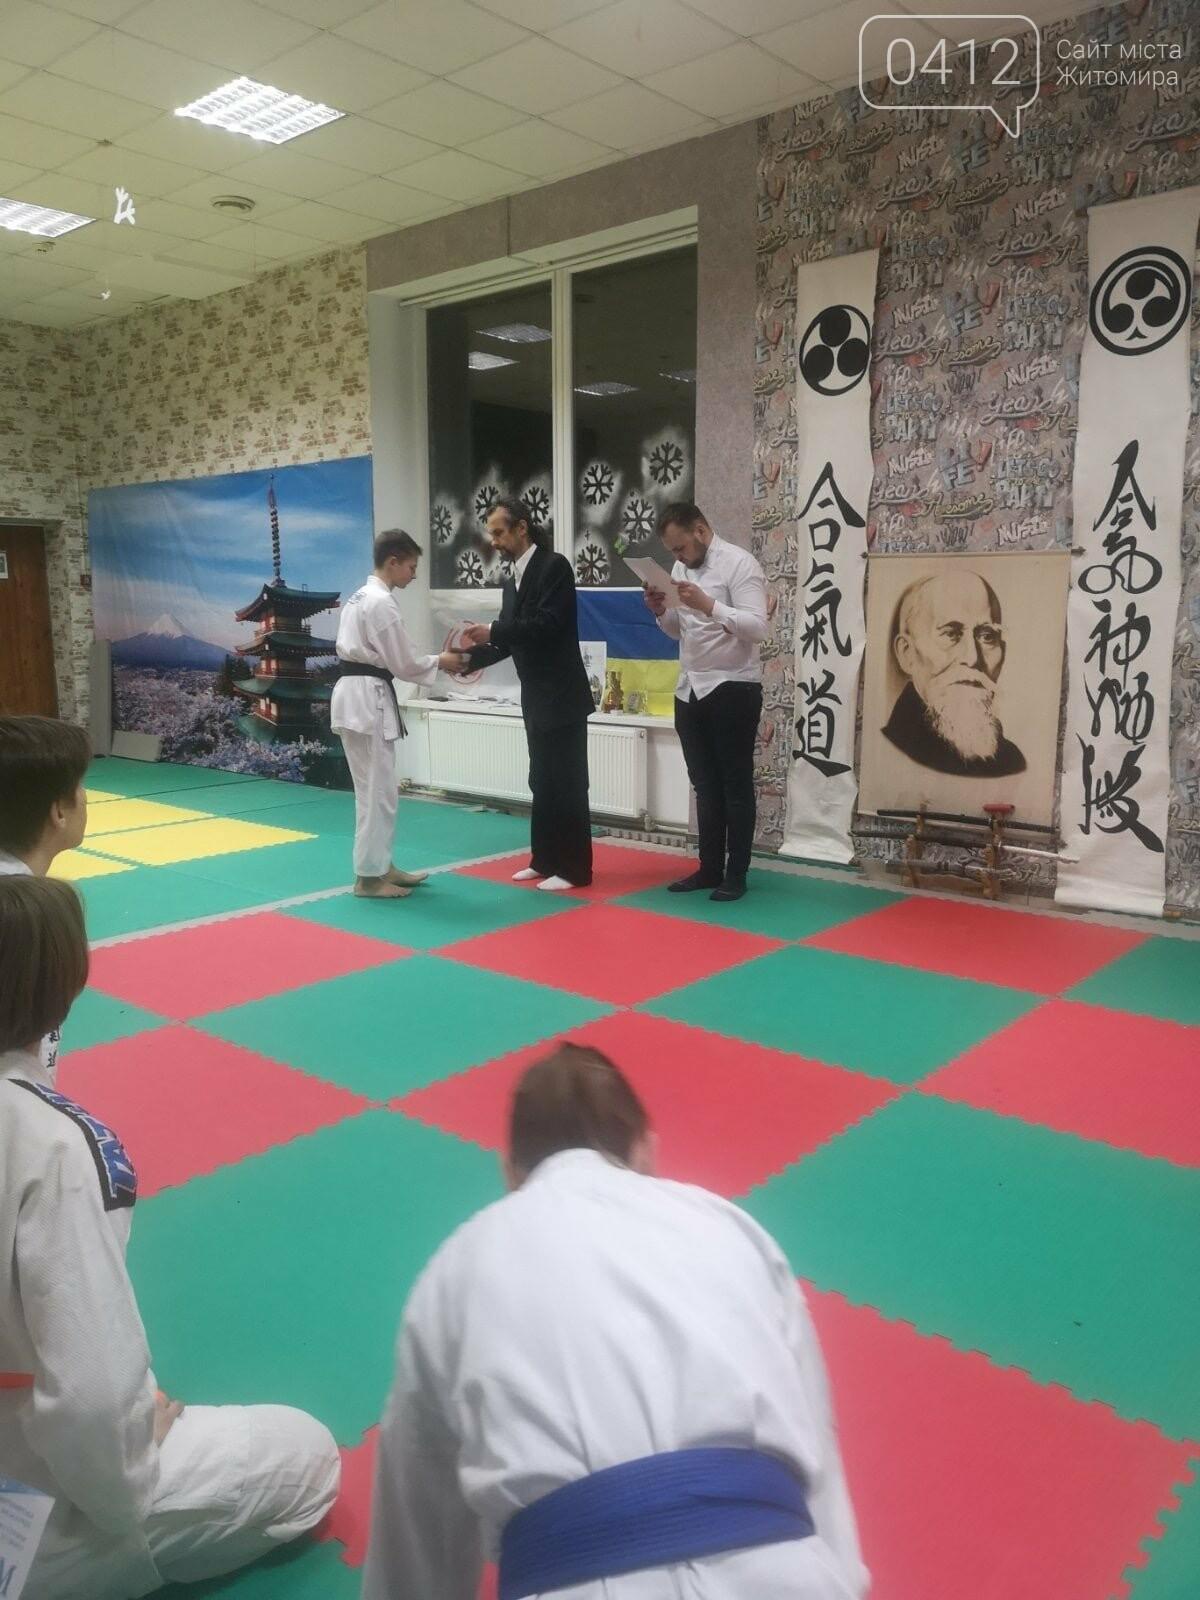 150 спортсменів взяли участь в чемпіонат Житомира з айкідо. ФОТО, фото-4